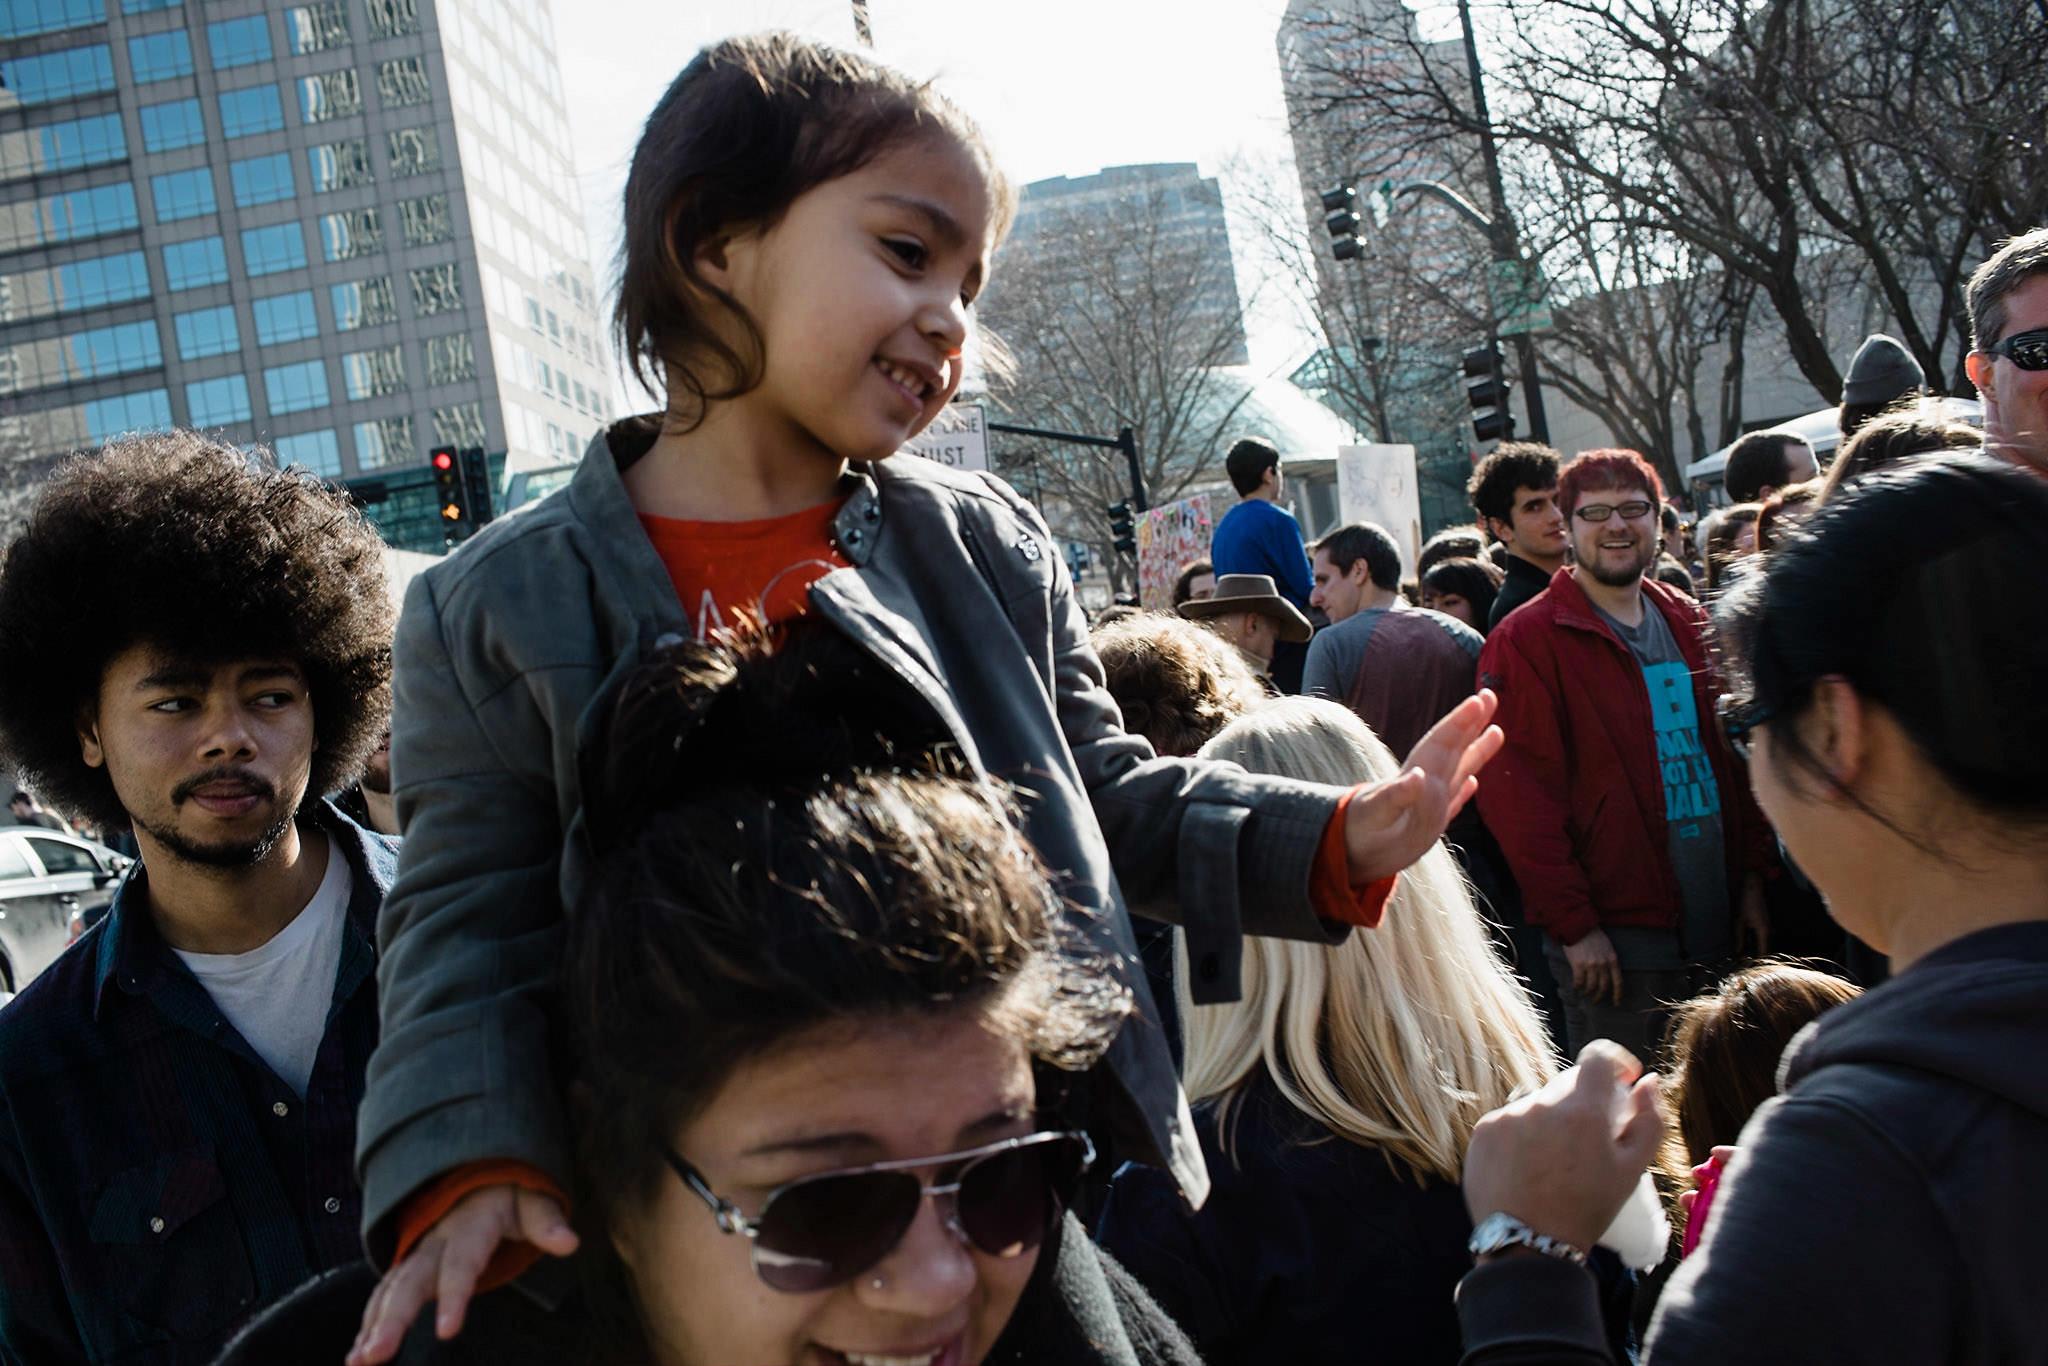 Kansas City Women's March_ChaseCastor28.jpg